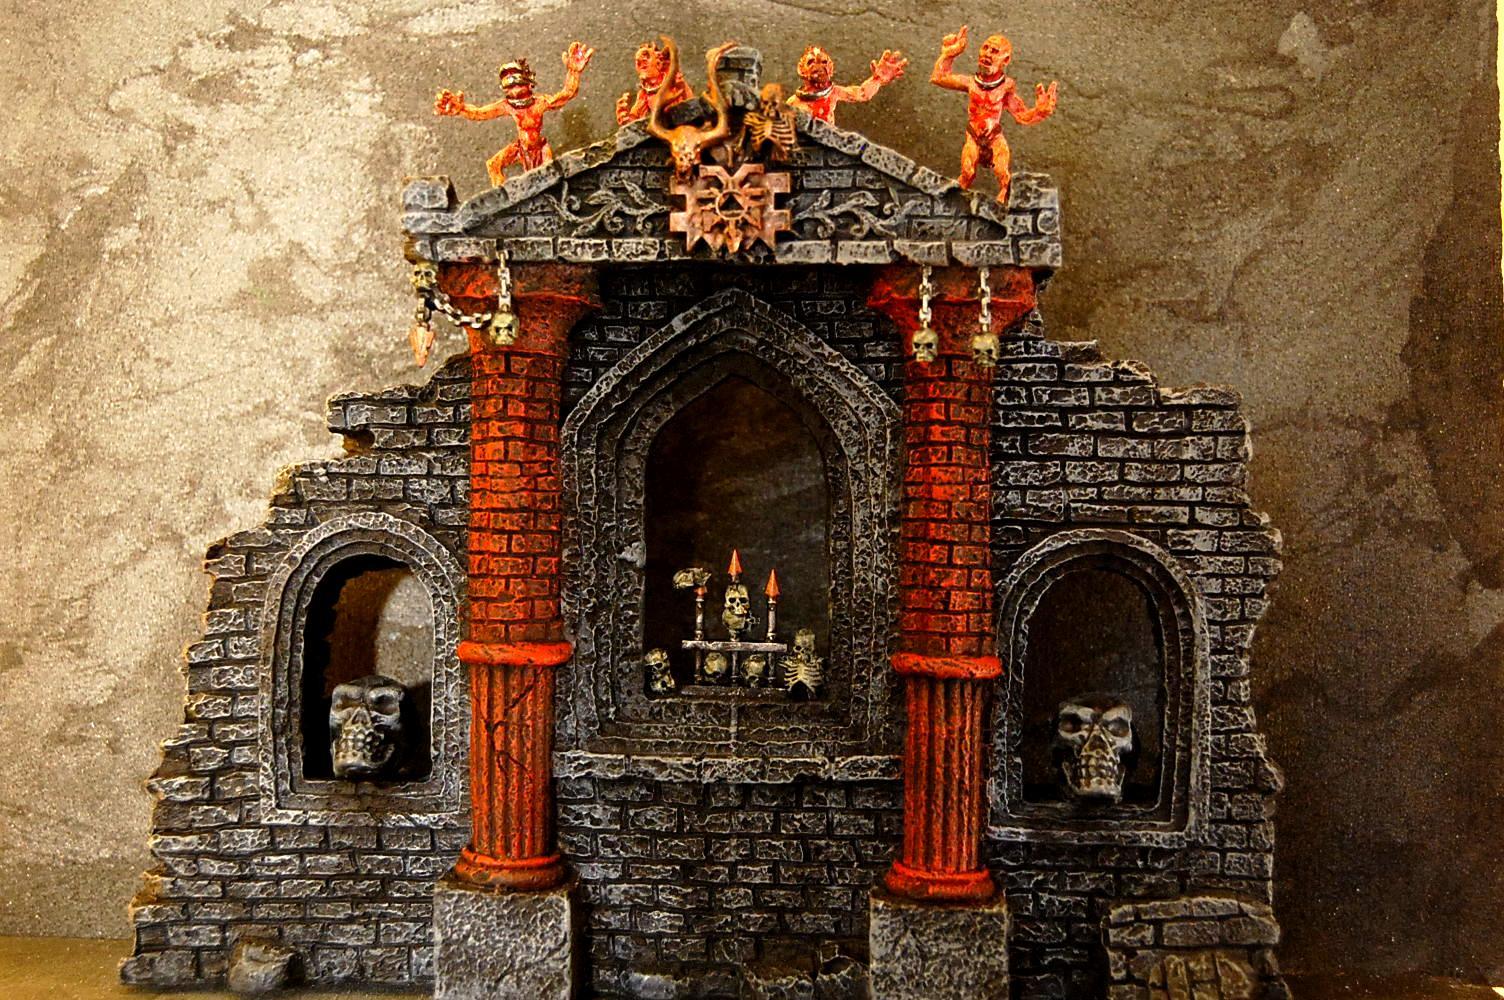 Aquarium, Chaos Shrine, Gwar, Khorne, Shrine, Temple, Terrain